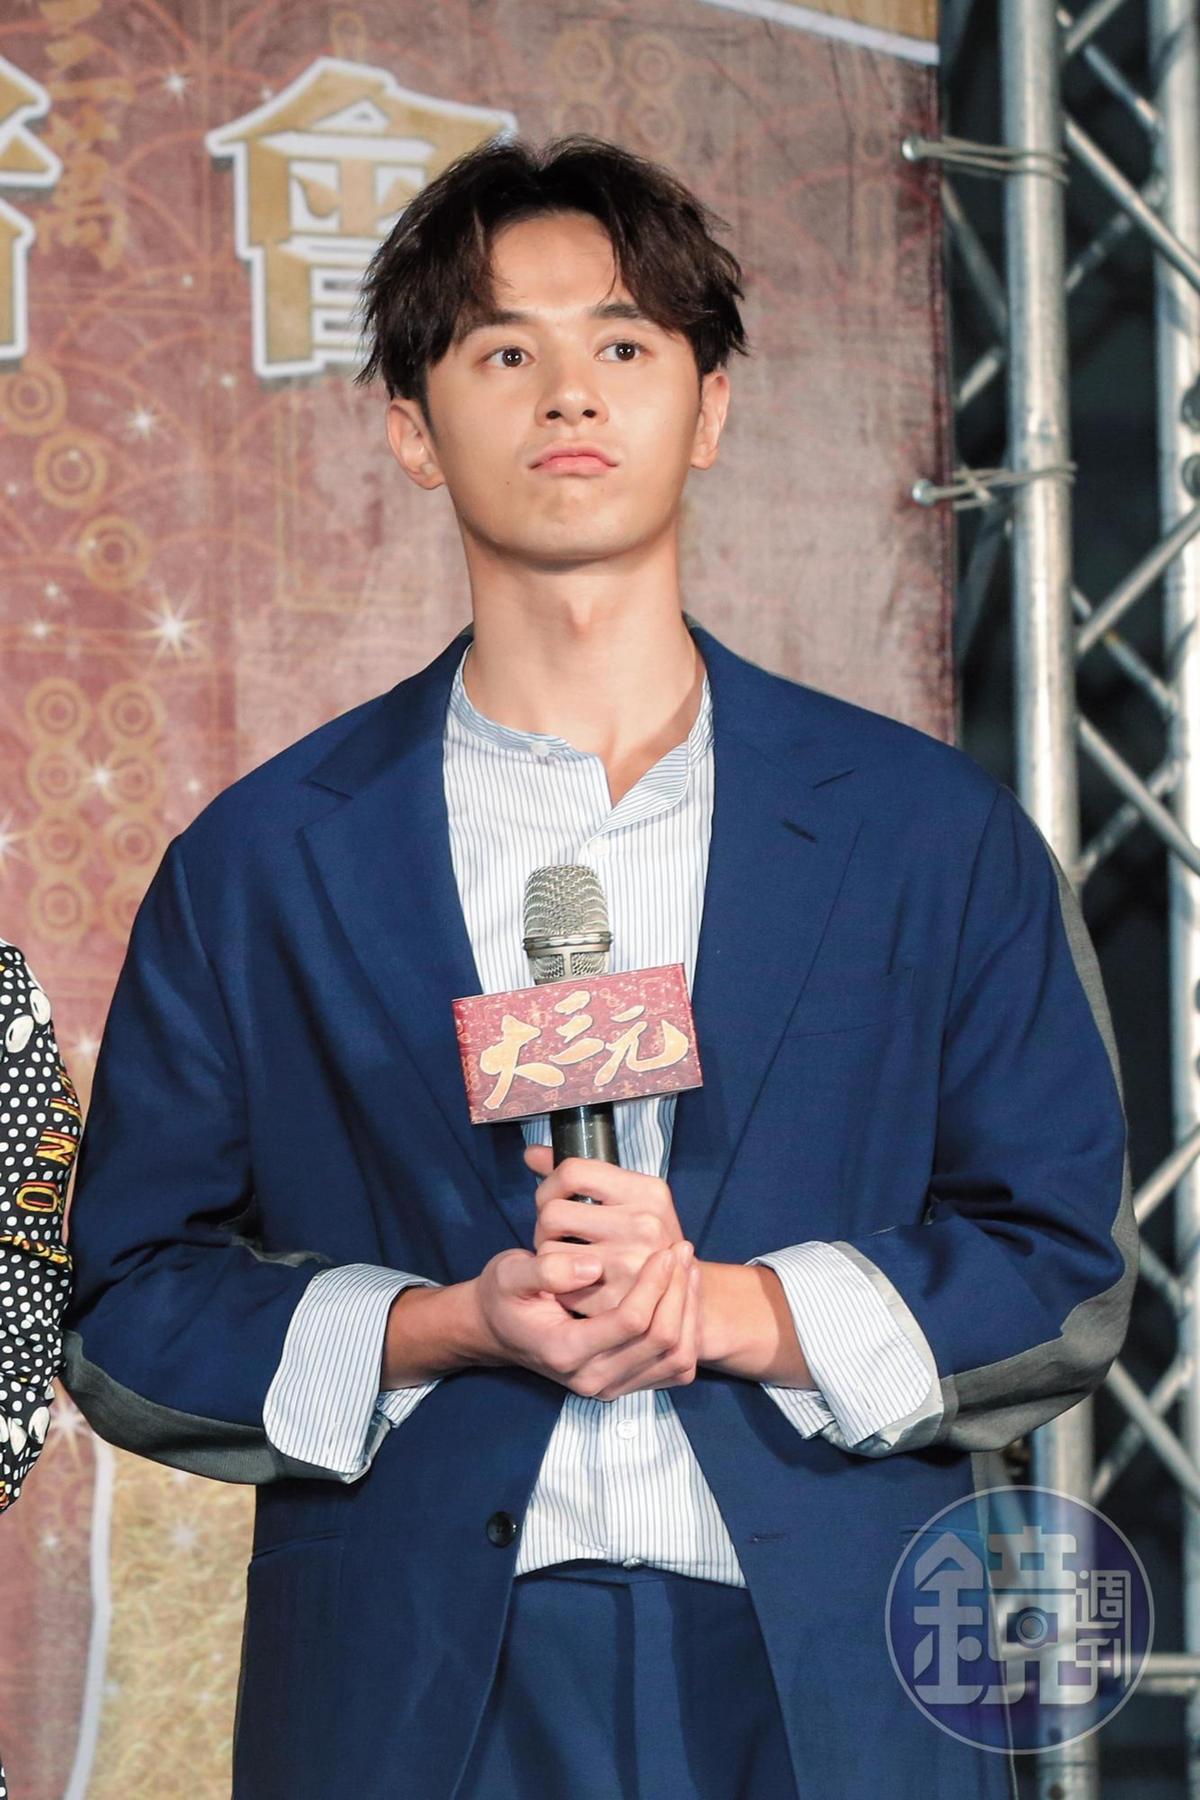 最近張軒睿跟林明禎的短命戀情變成他揮之不去的新聞話題。